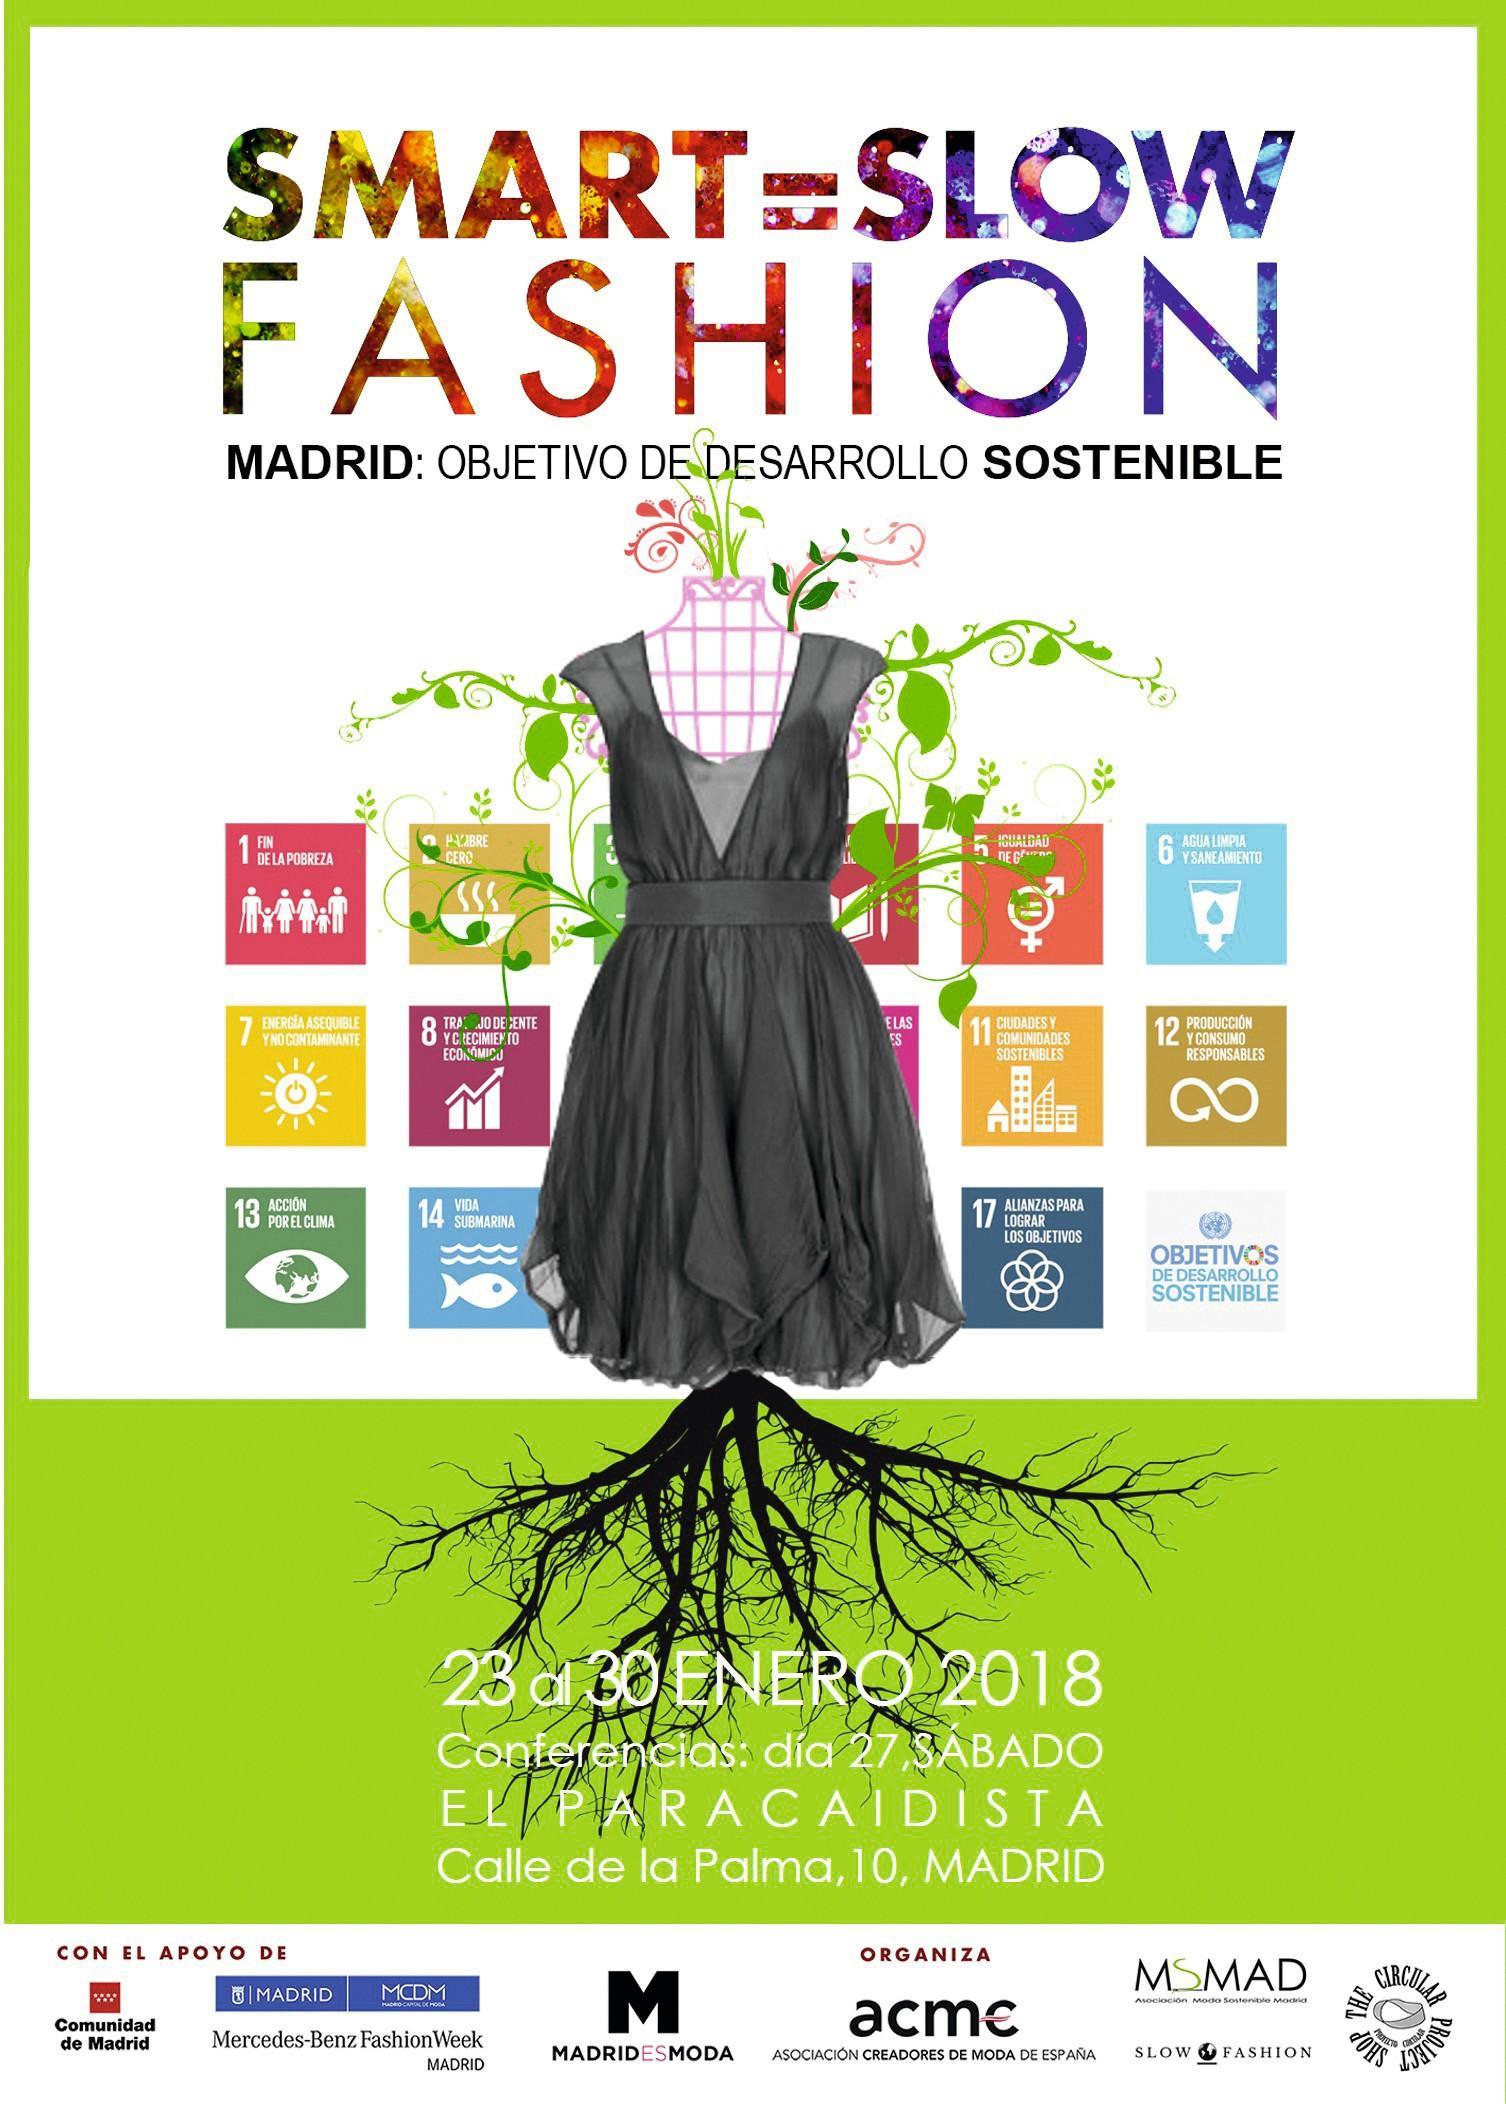 Cartel de la exposición sobre la moda sostenible, Madrid, 2018